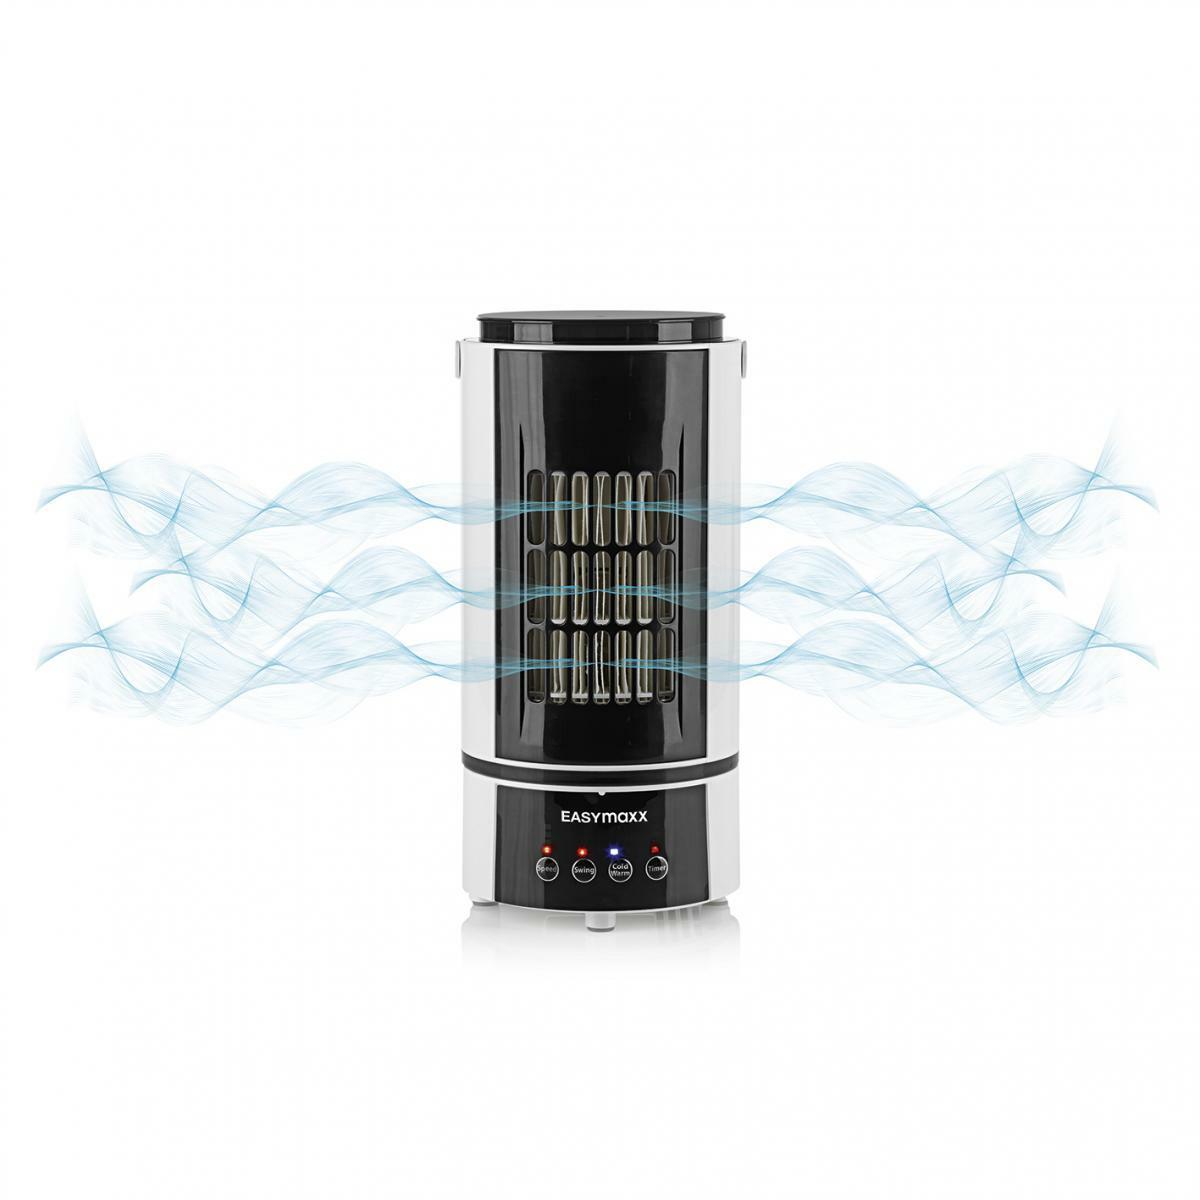 Bild 3 von EASYmaxx Klimagerät Kühlen & Heizen 2in1 800W weiß/schwarz mit Fernb. + Timer